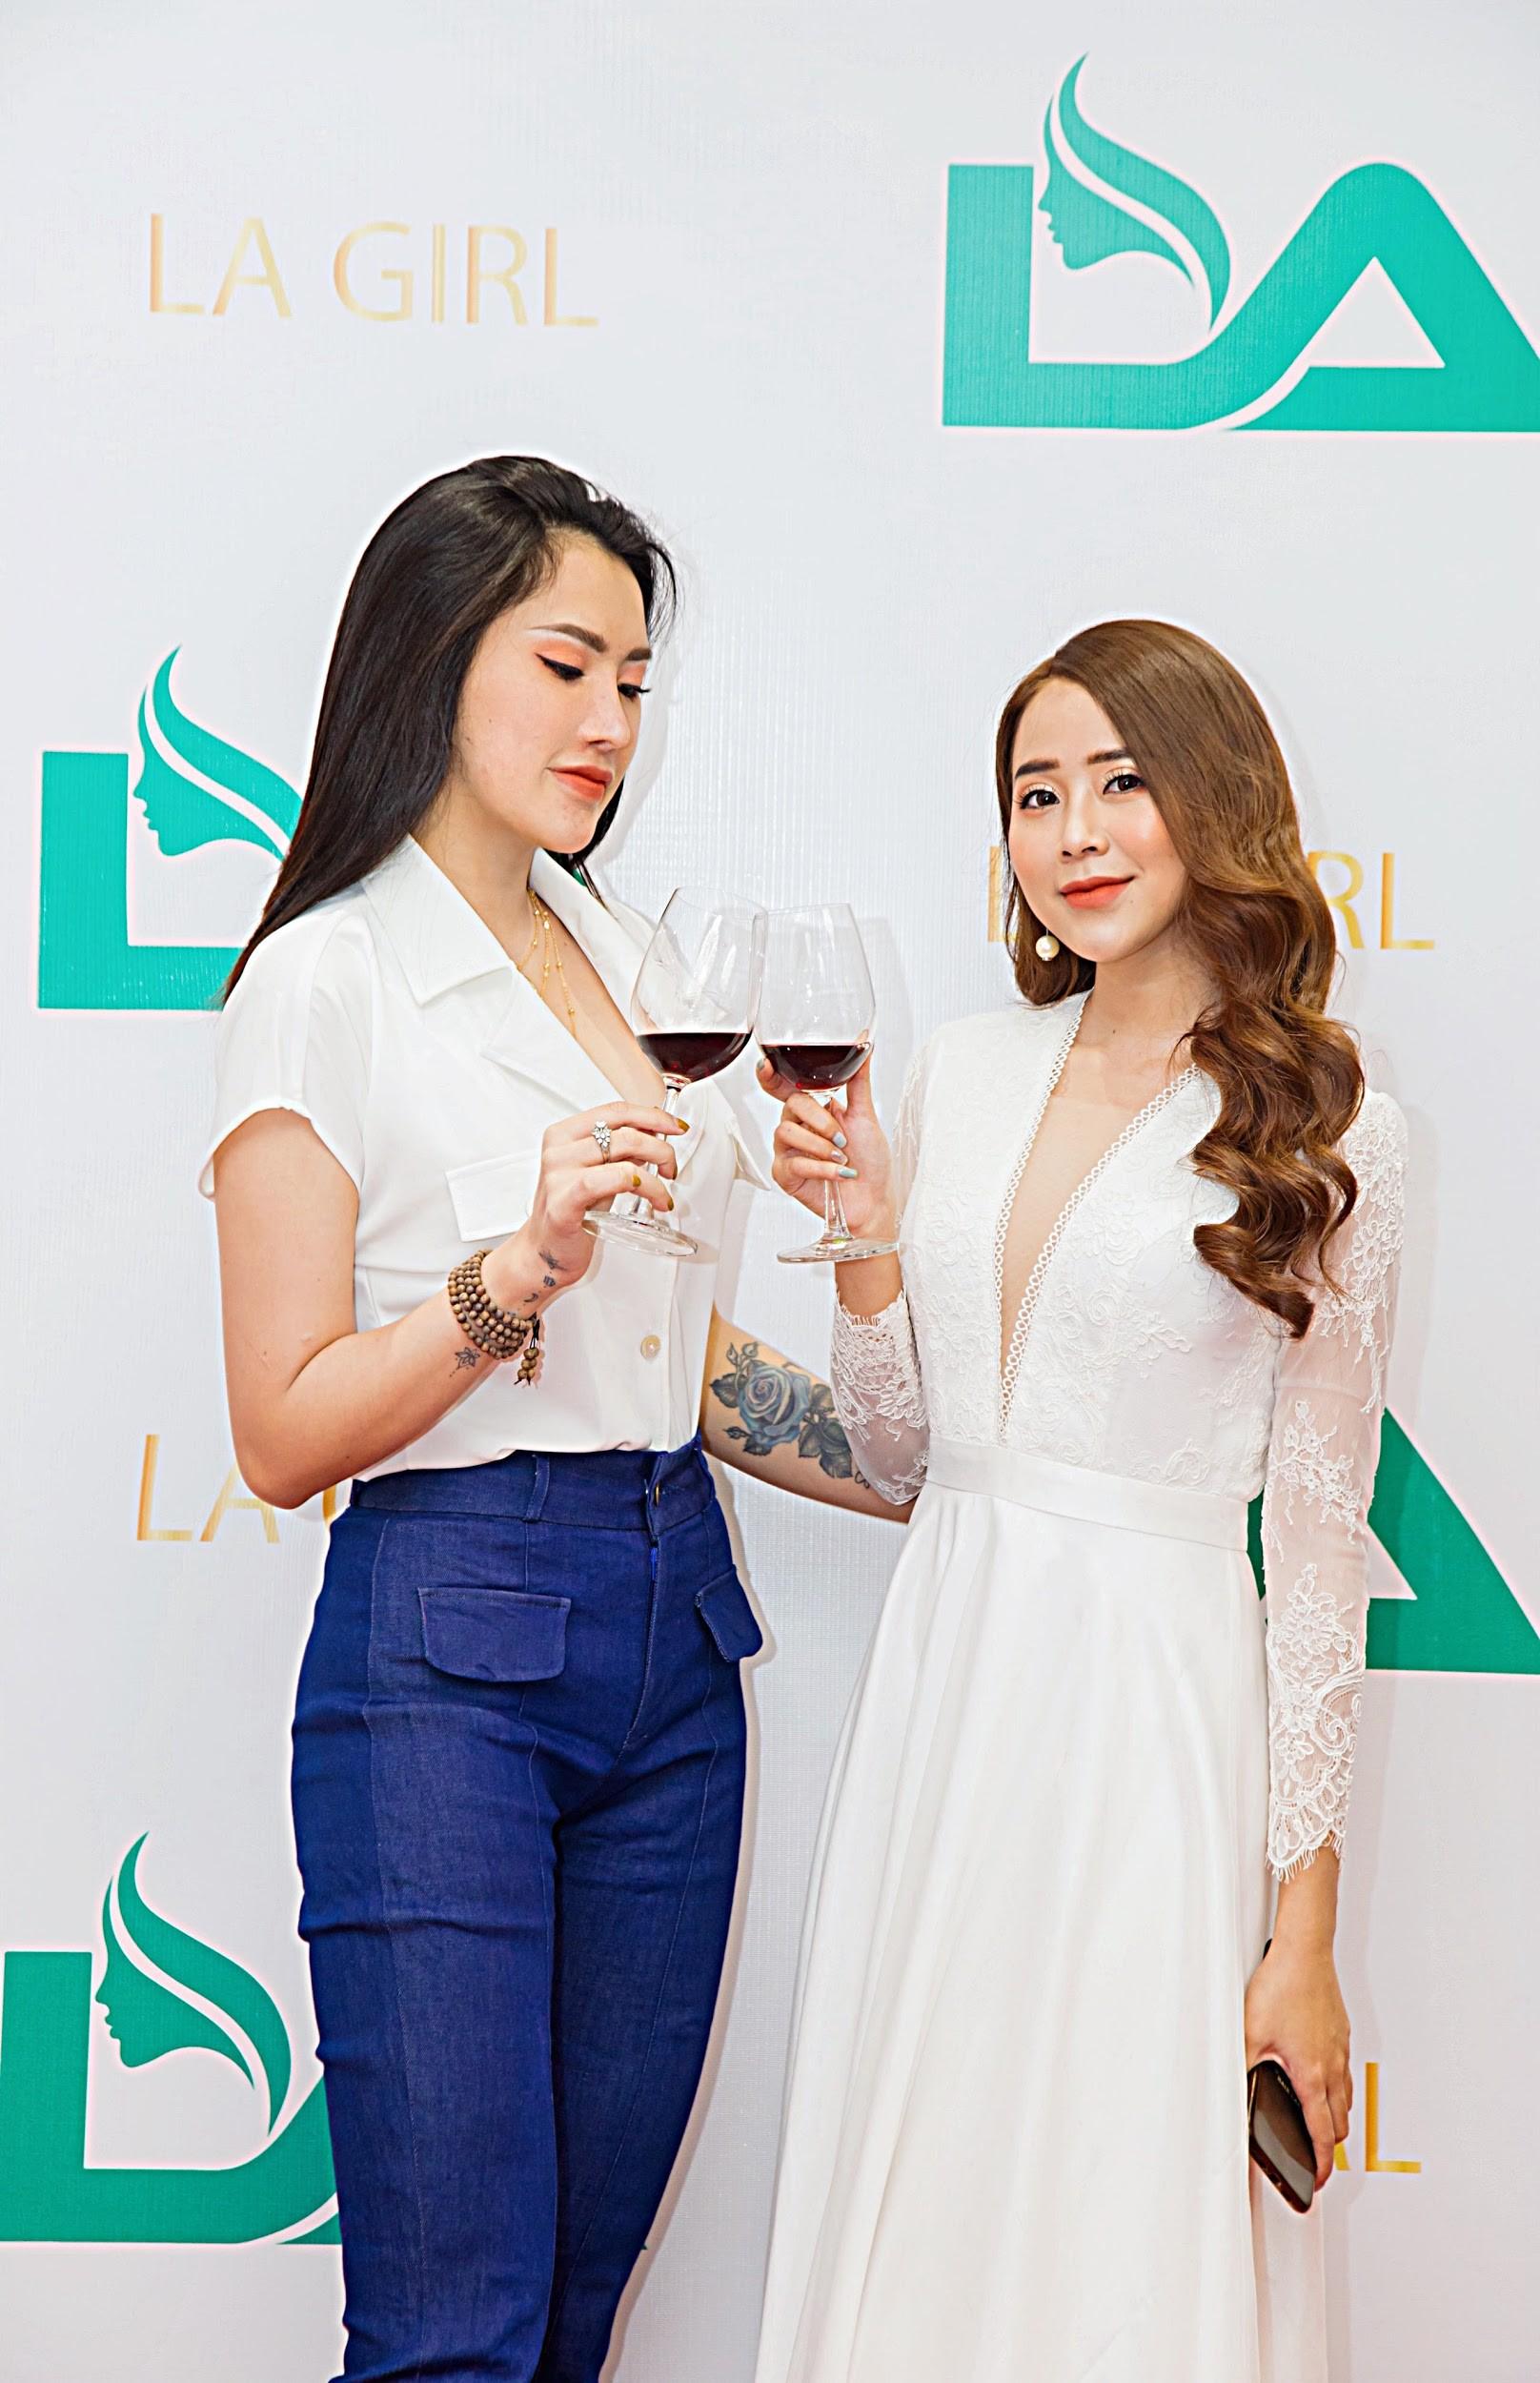 LA girl giới thiệu bộ xả gội mới hỗ trợ phục hồi tóc hư tổn ngay sau lần đầu sử dụng - Ảnh 3.